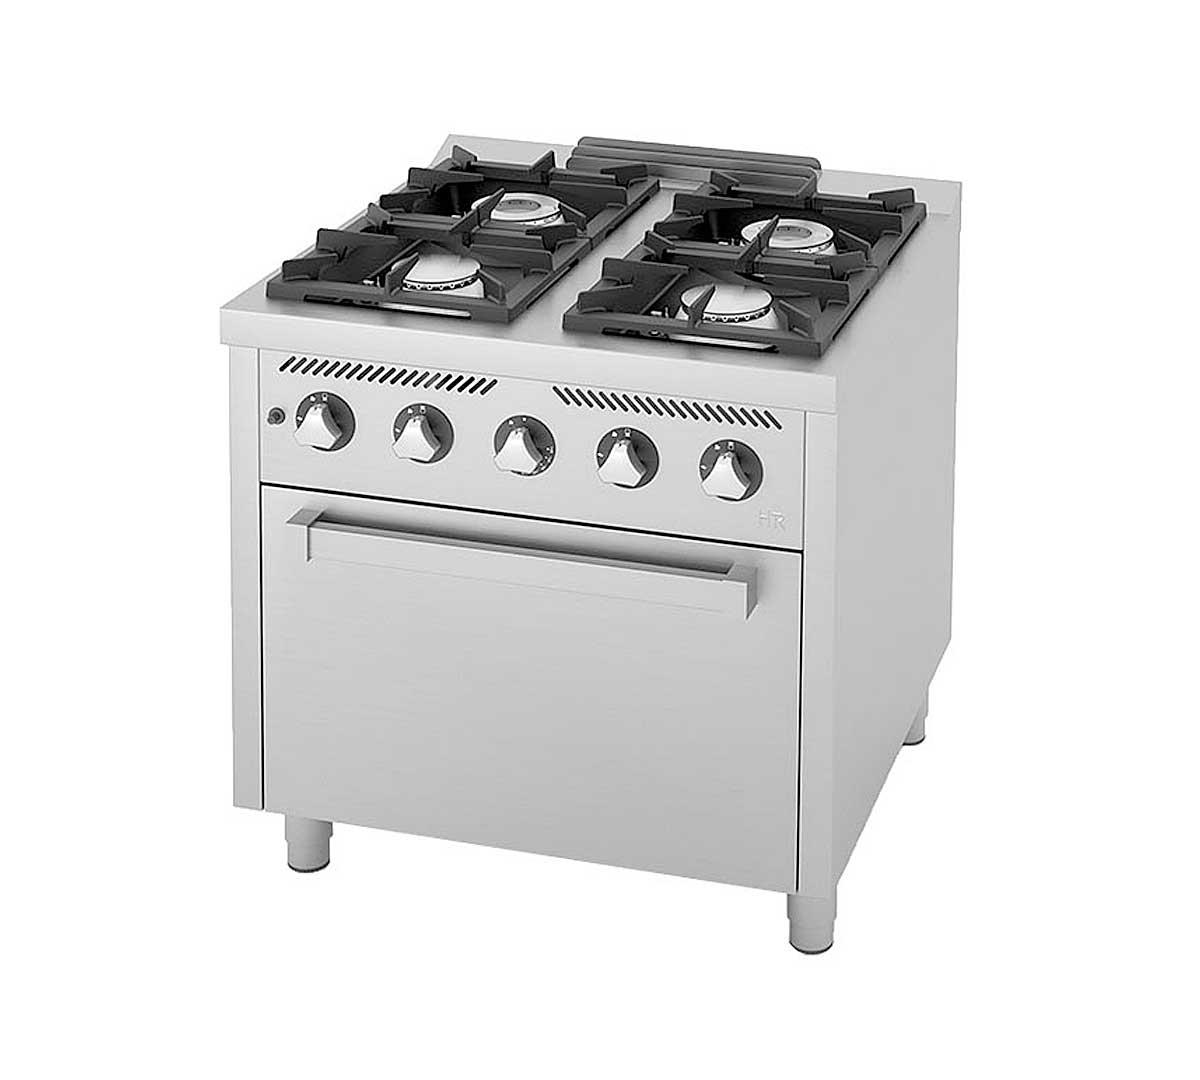 Cocina fainca hr serie 750 c horno - Cocina gas natural con horno ...